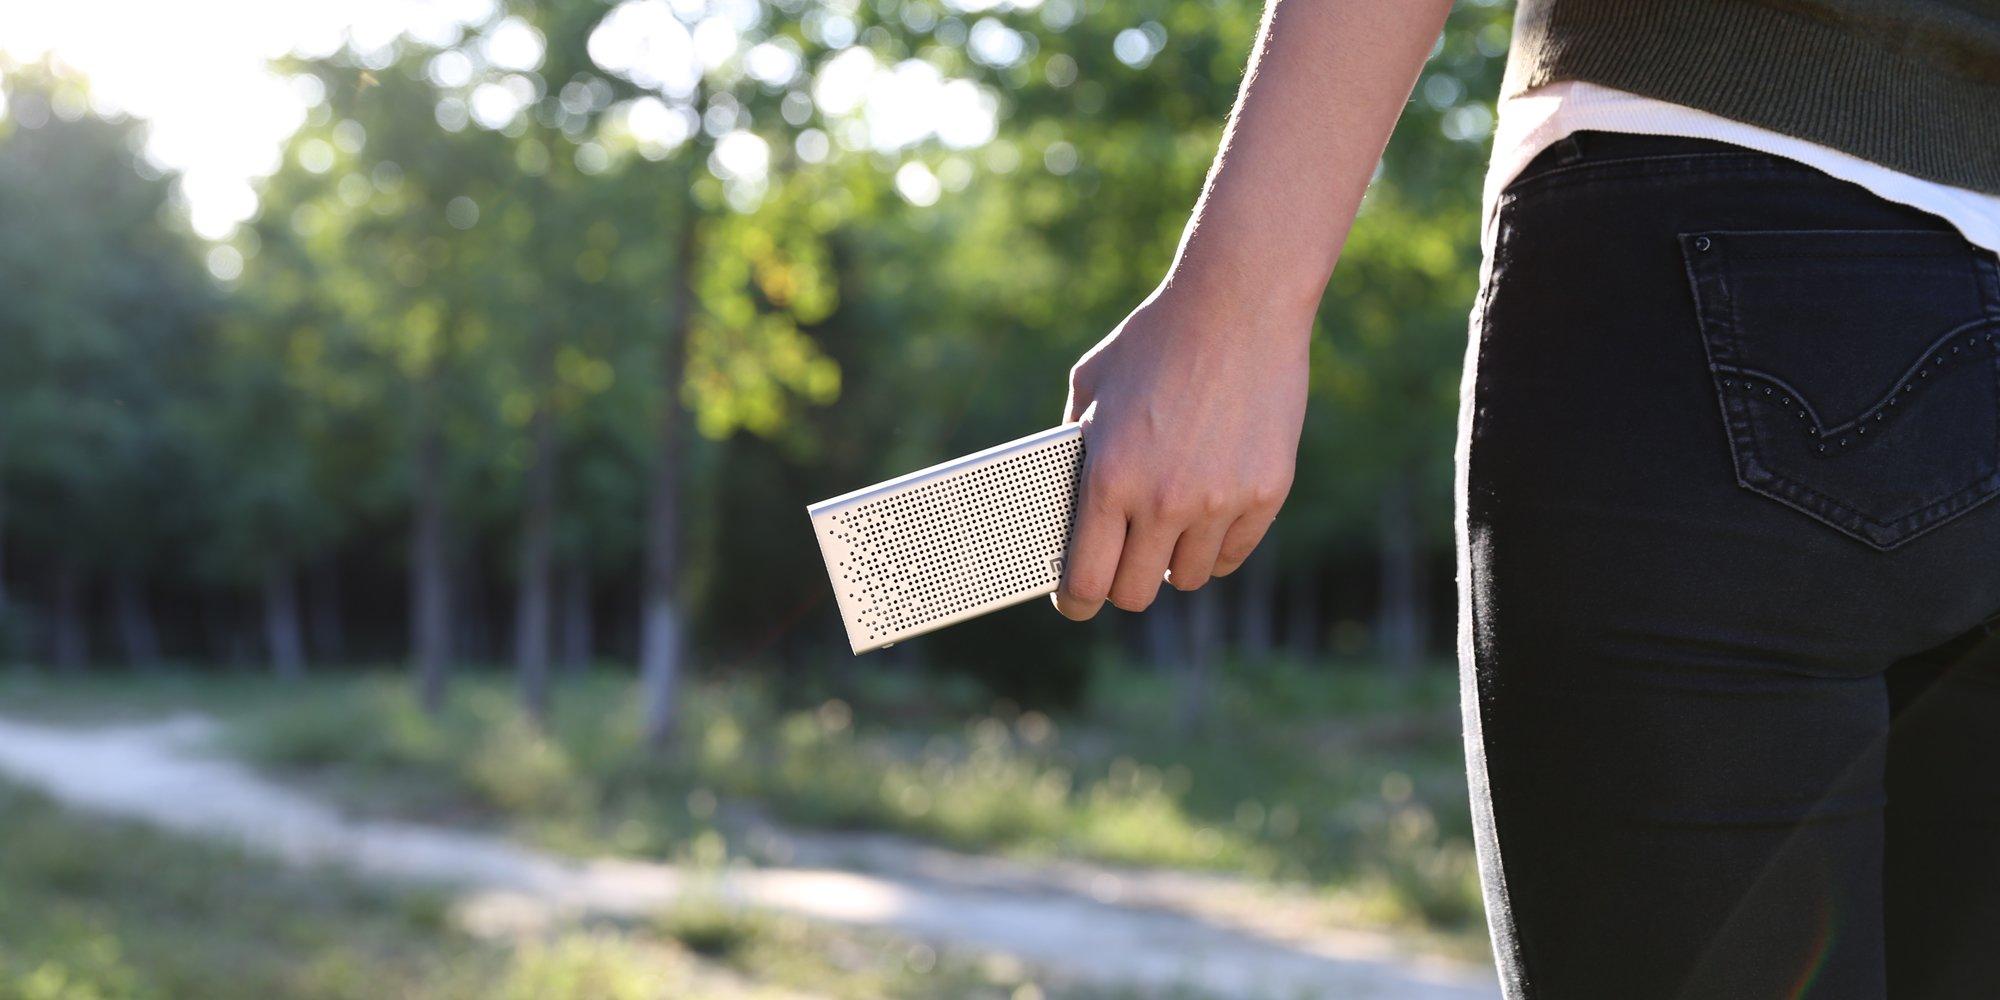 Szukasz dobrego i taniego głośnika? Xiaomi Mi Bluetooth Speaker w poniedziałek kupisz za 119 złotych 18